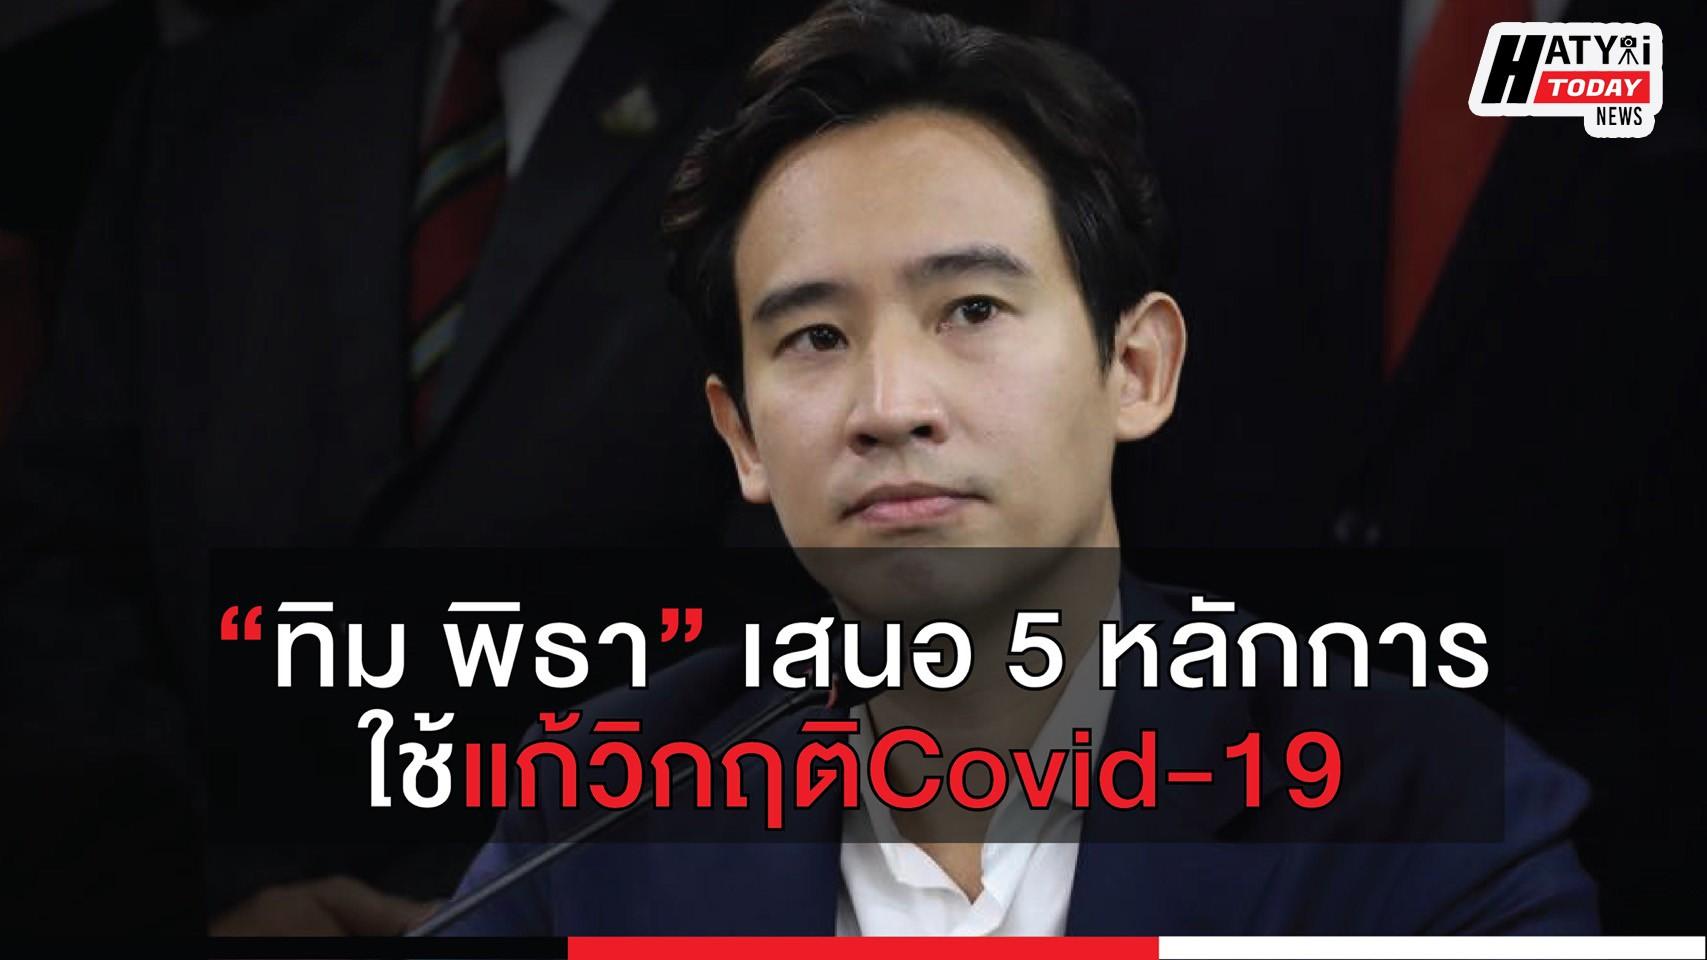 ทิม พิธาเสนอ 5หลักการใช้แก้วิกฤติCovid-19